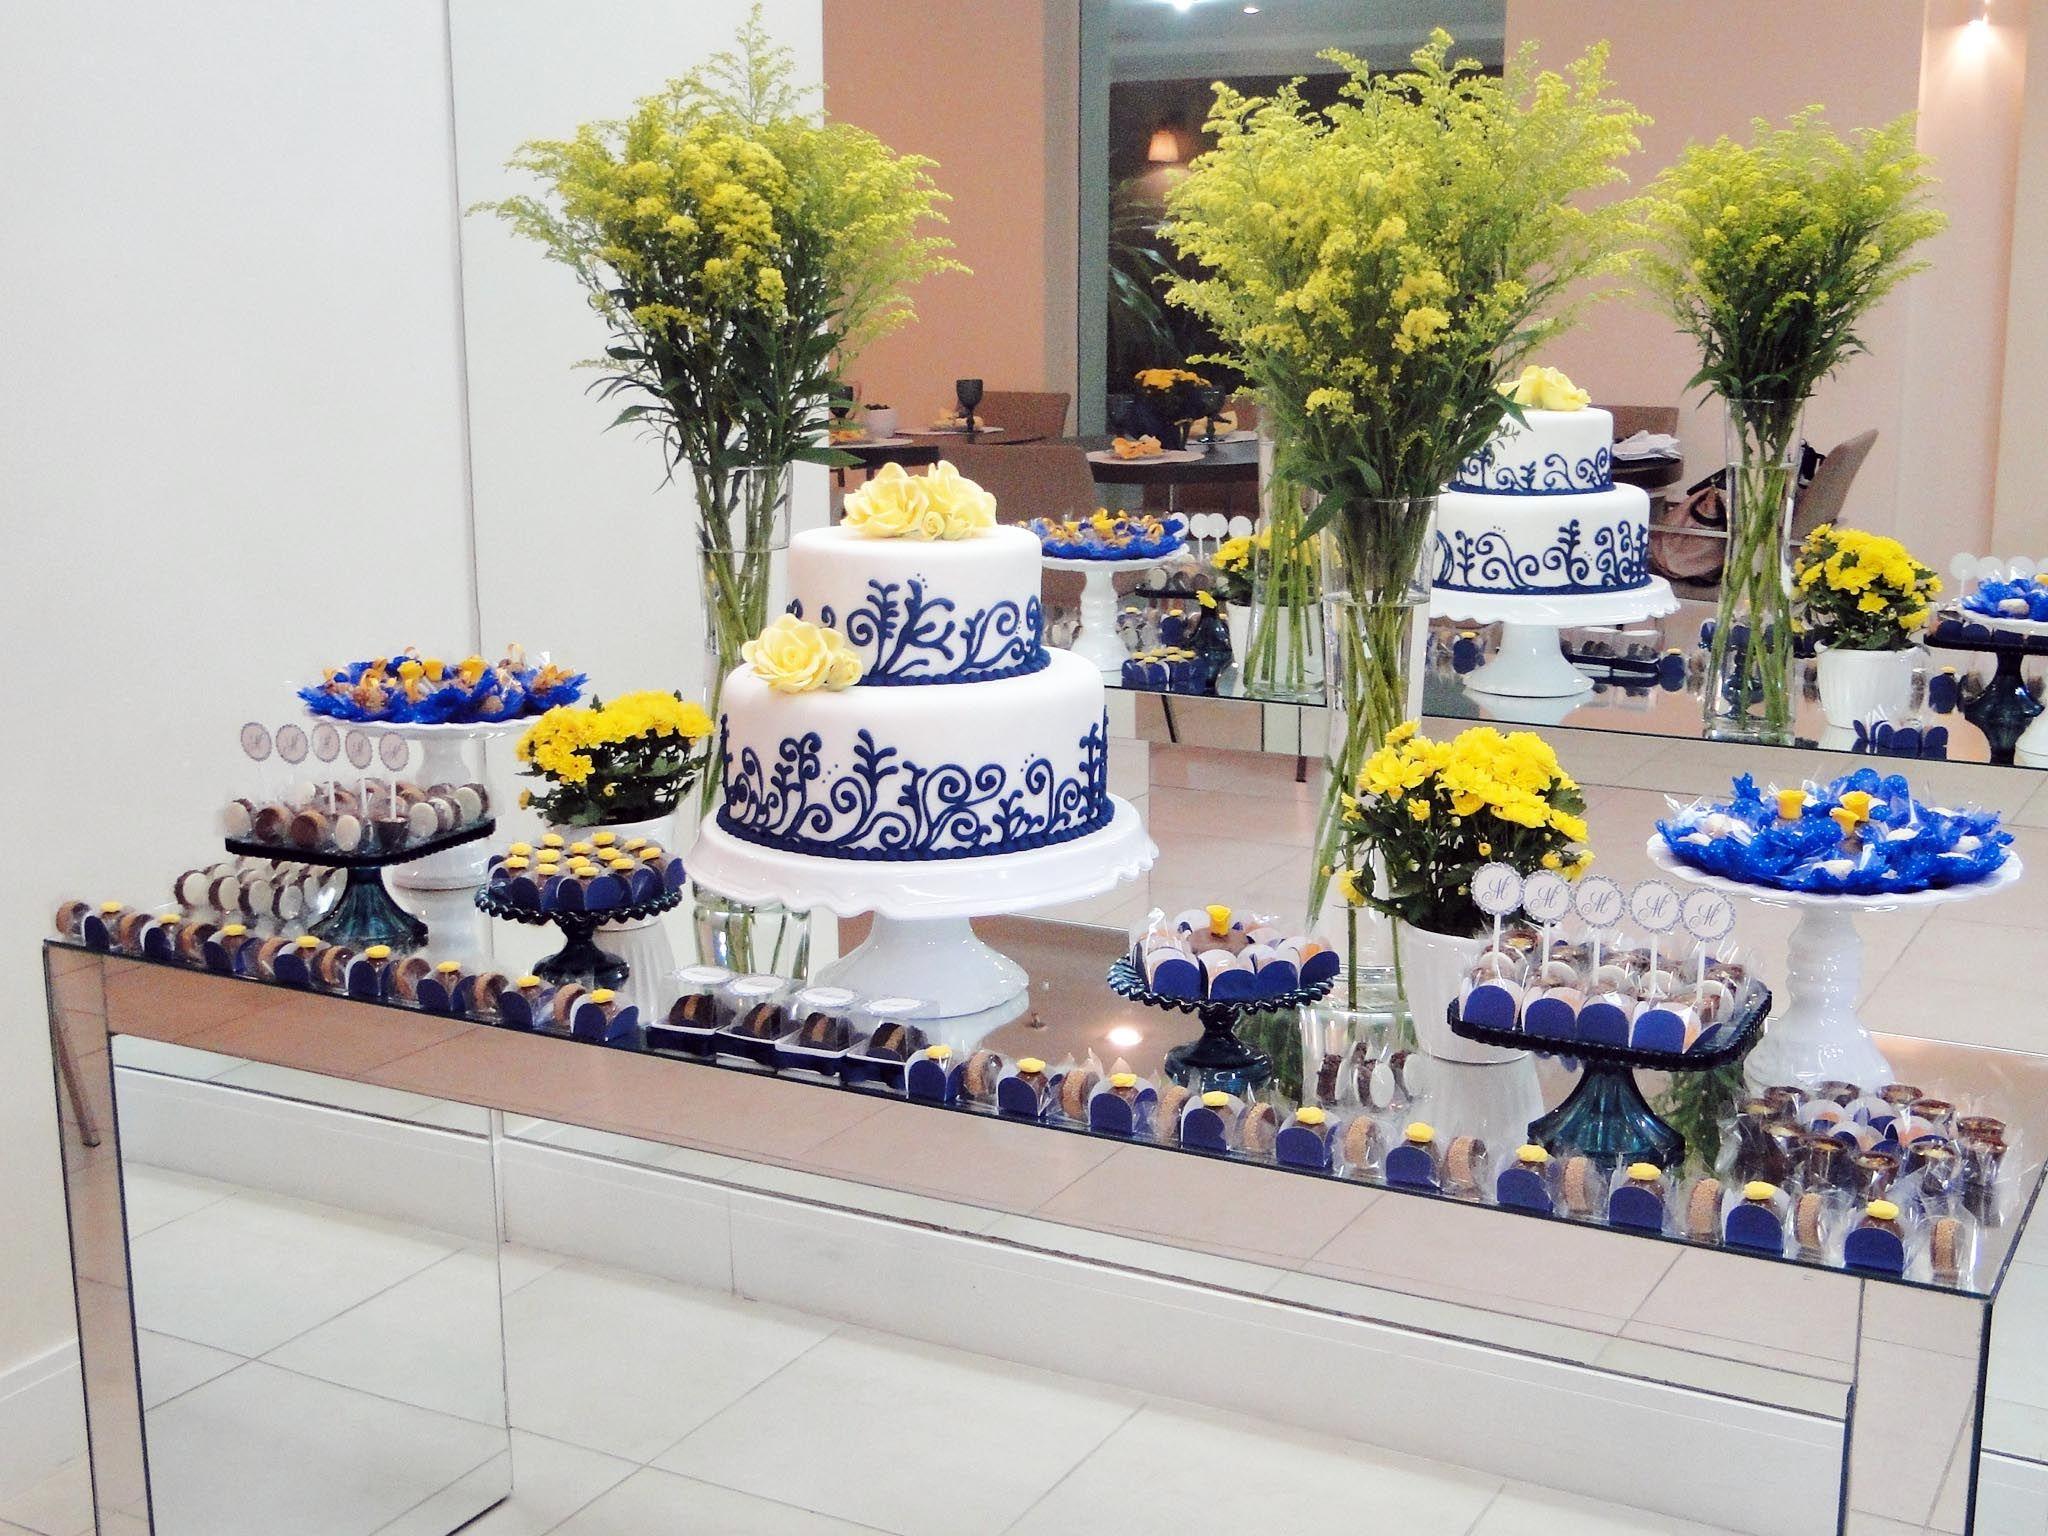 Decoraç u00e3o para festa, azul, branco e amarelo festa noivado elegante Festa azul e amarelo